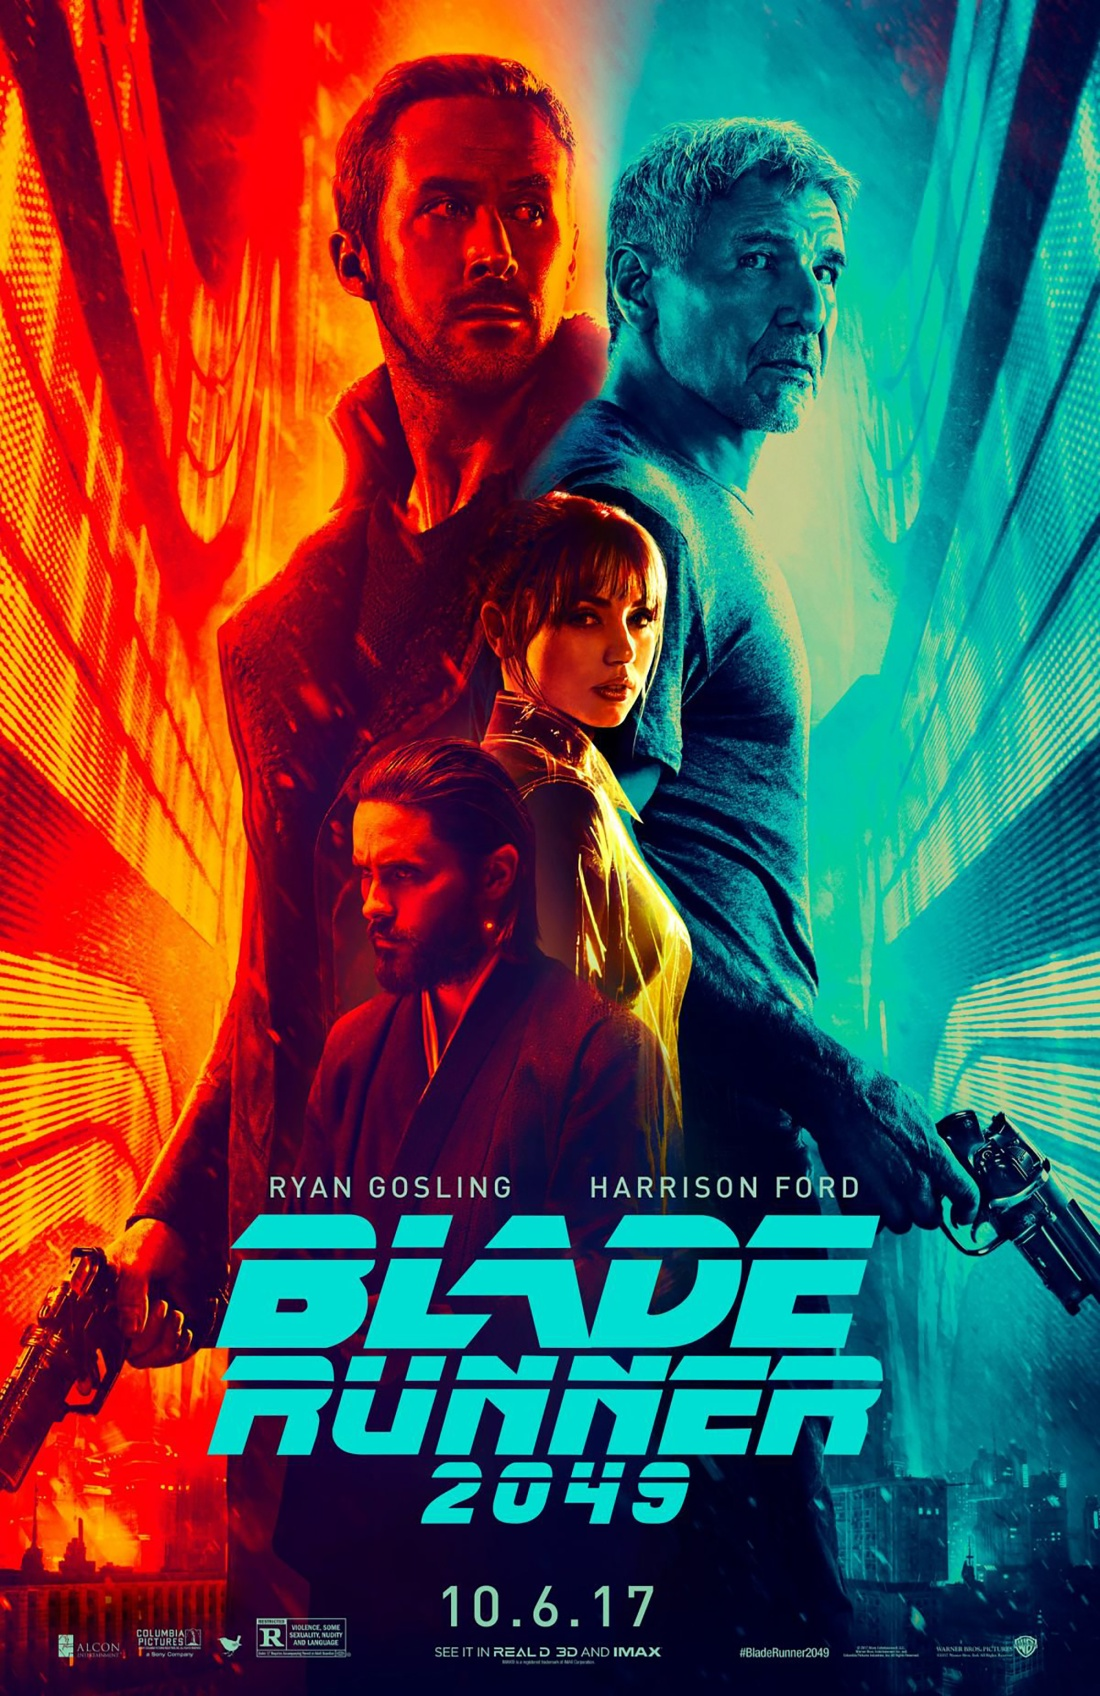 blade_runner_2049_poster.jpg